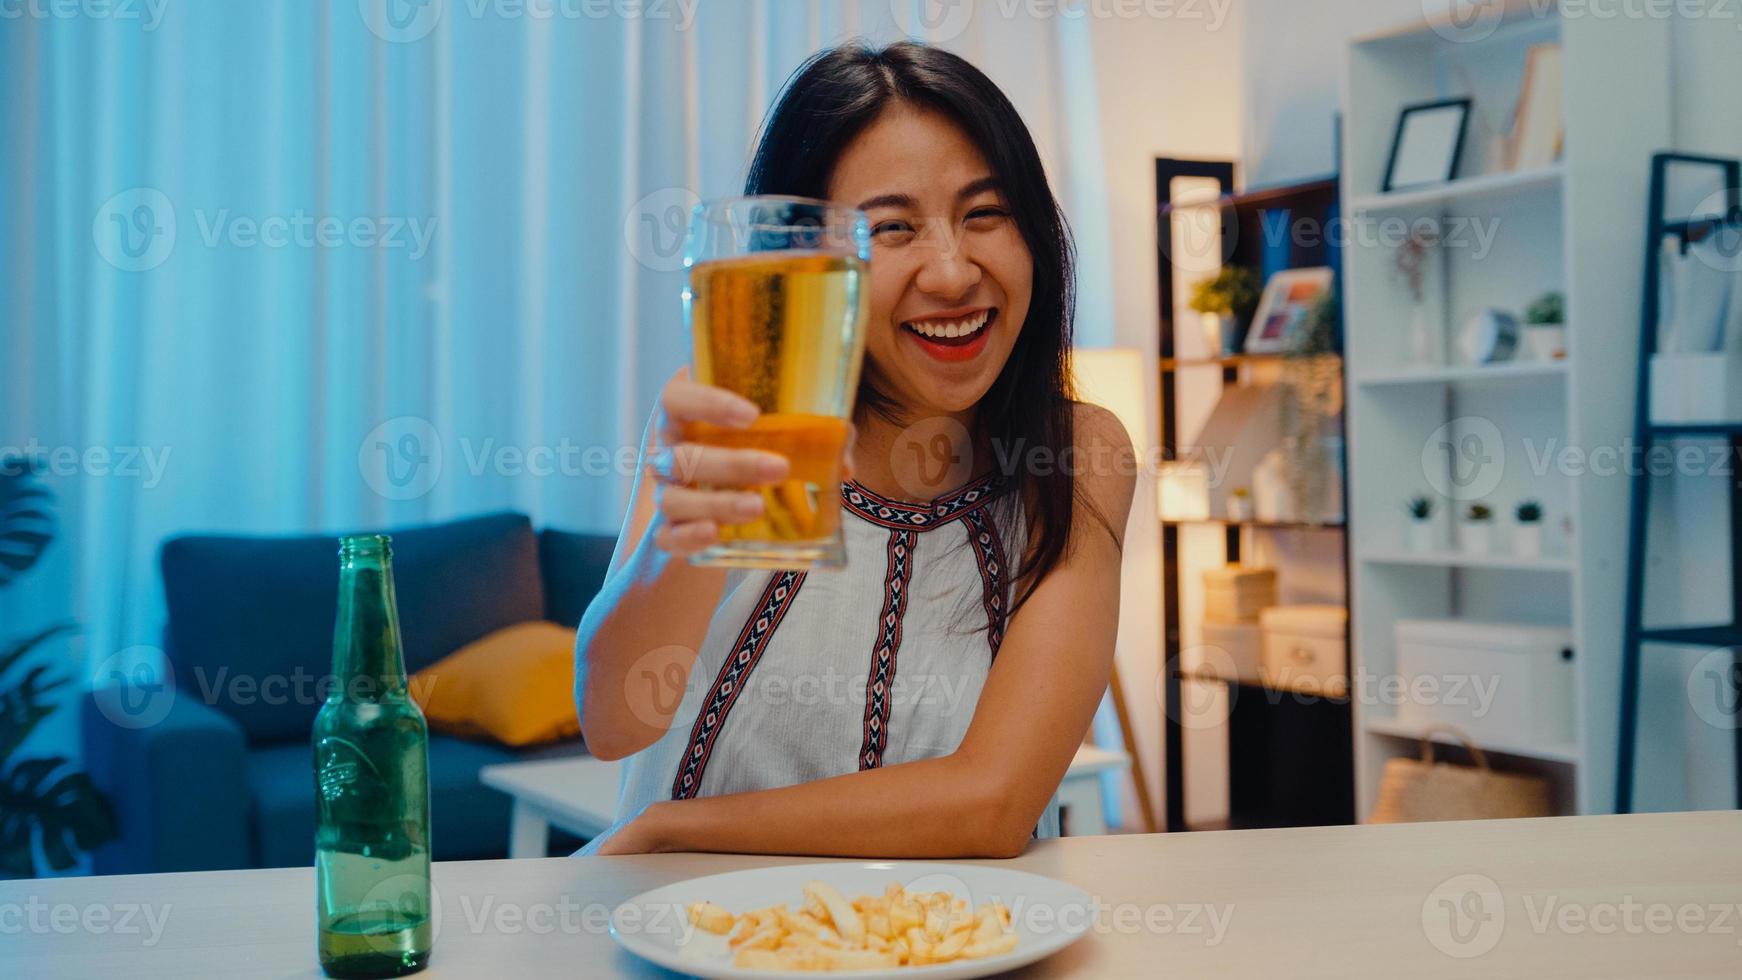 giovane signora asiatica che beve birra divertendosi festa notturna felice evento di capodanno celebrazione online tramite videochiamata per telefono a casa di notte. distanza sociale, quarantena per coronavirus. punto di vista o punto di vista foto